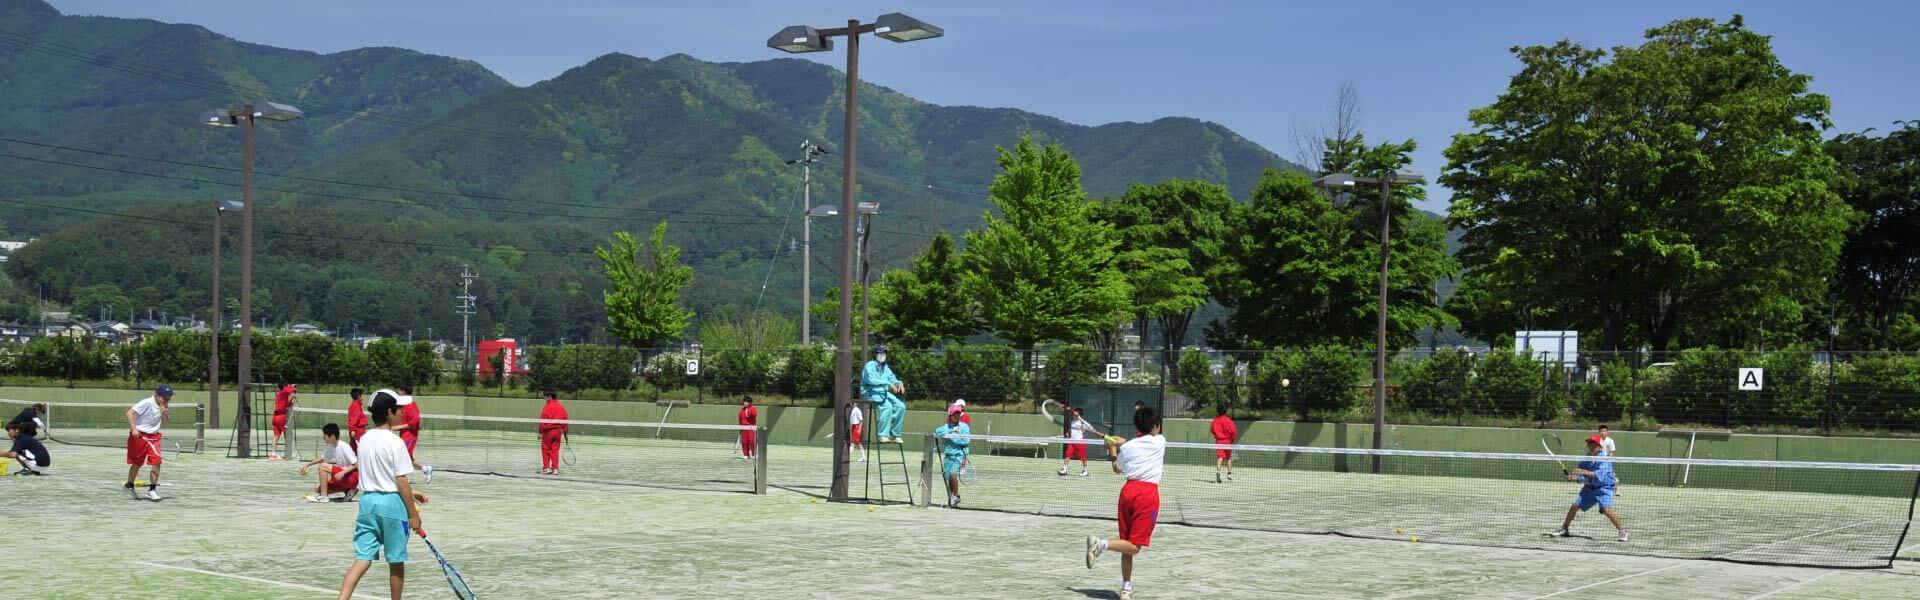 たつの荒神山温泉 湯にいくセンター テニスコート